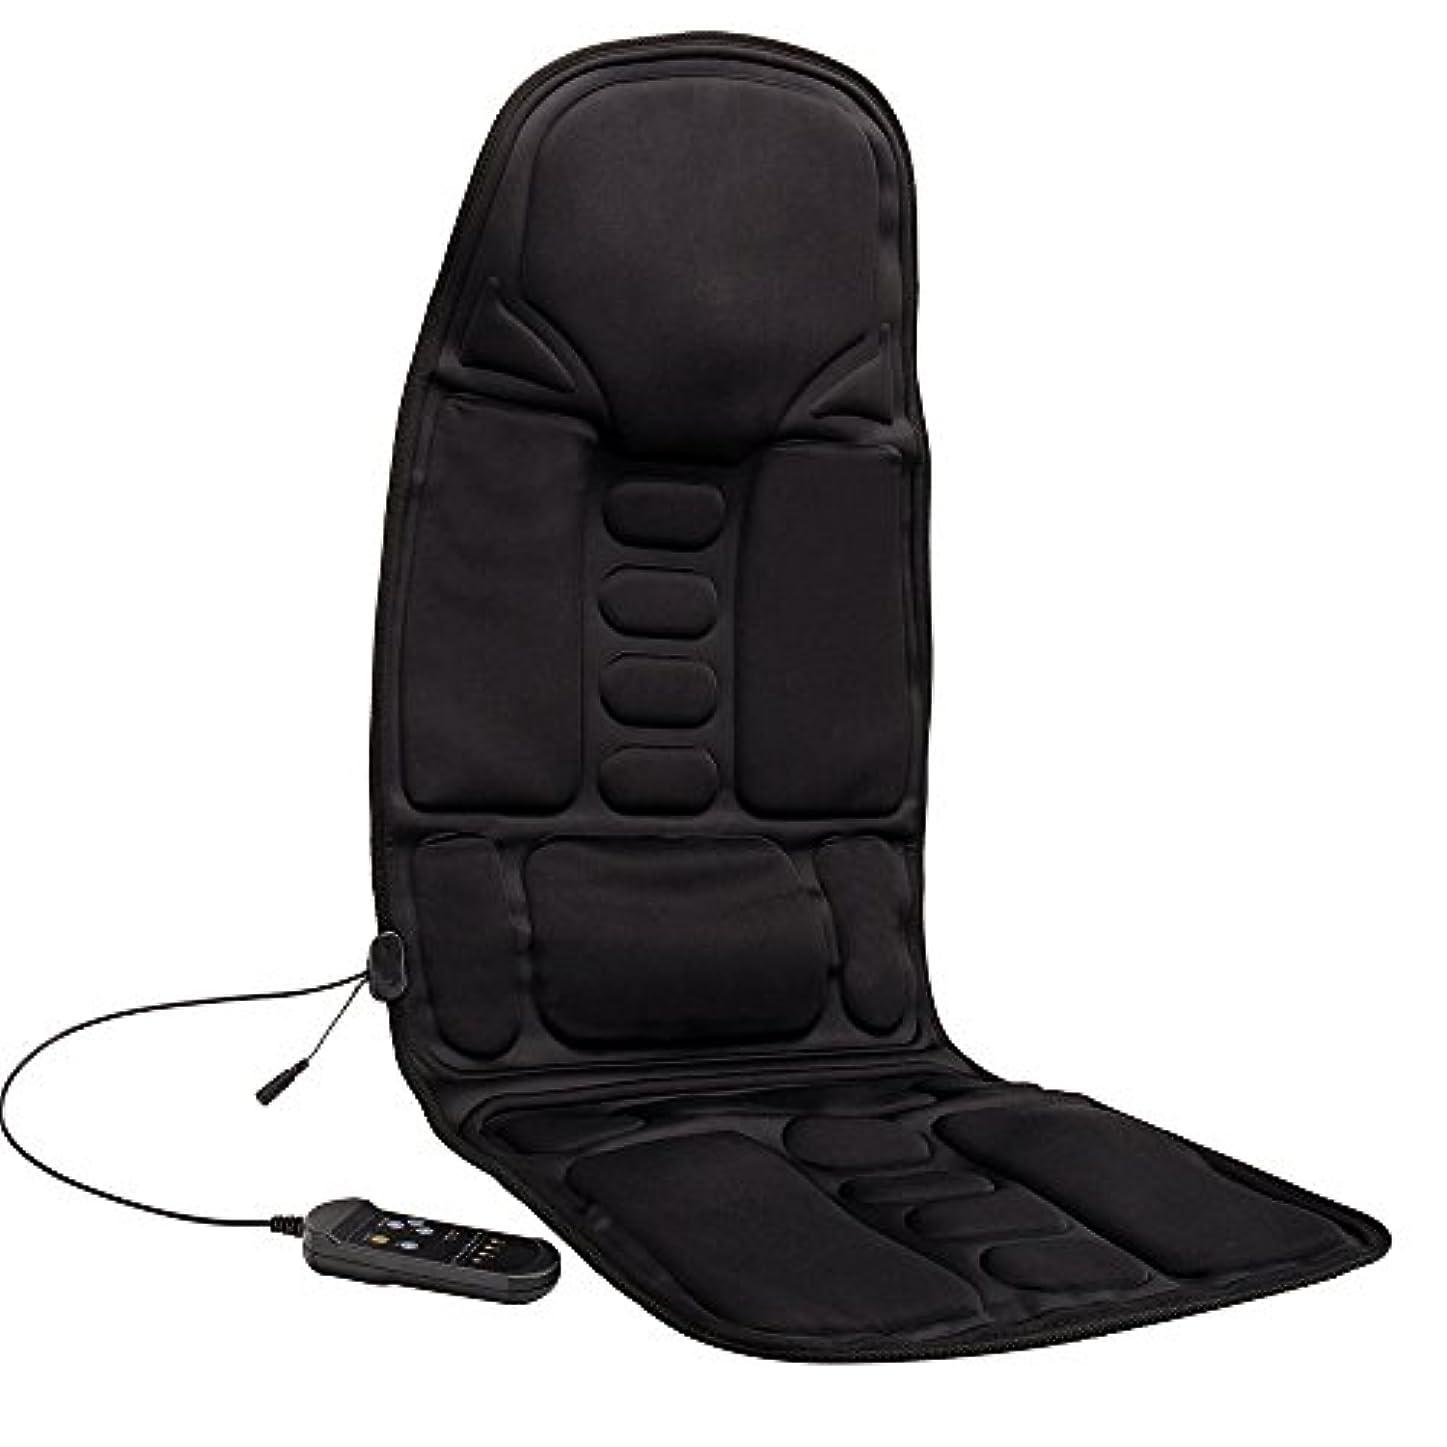 逸話代わりの検出可能Kindness マッサージシート ヒーター搭載 高品質PUレザー製 どこでもマッサージャー オフィス 旅行 ホーム 車シート ギフト ブラック